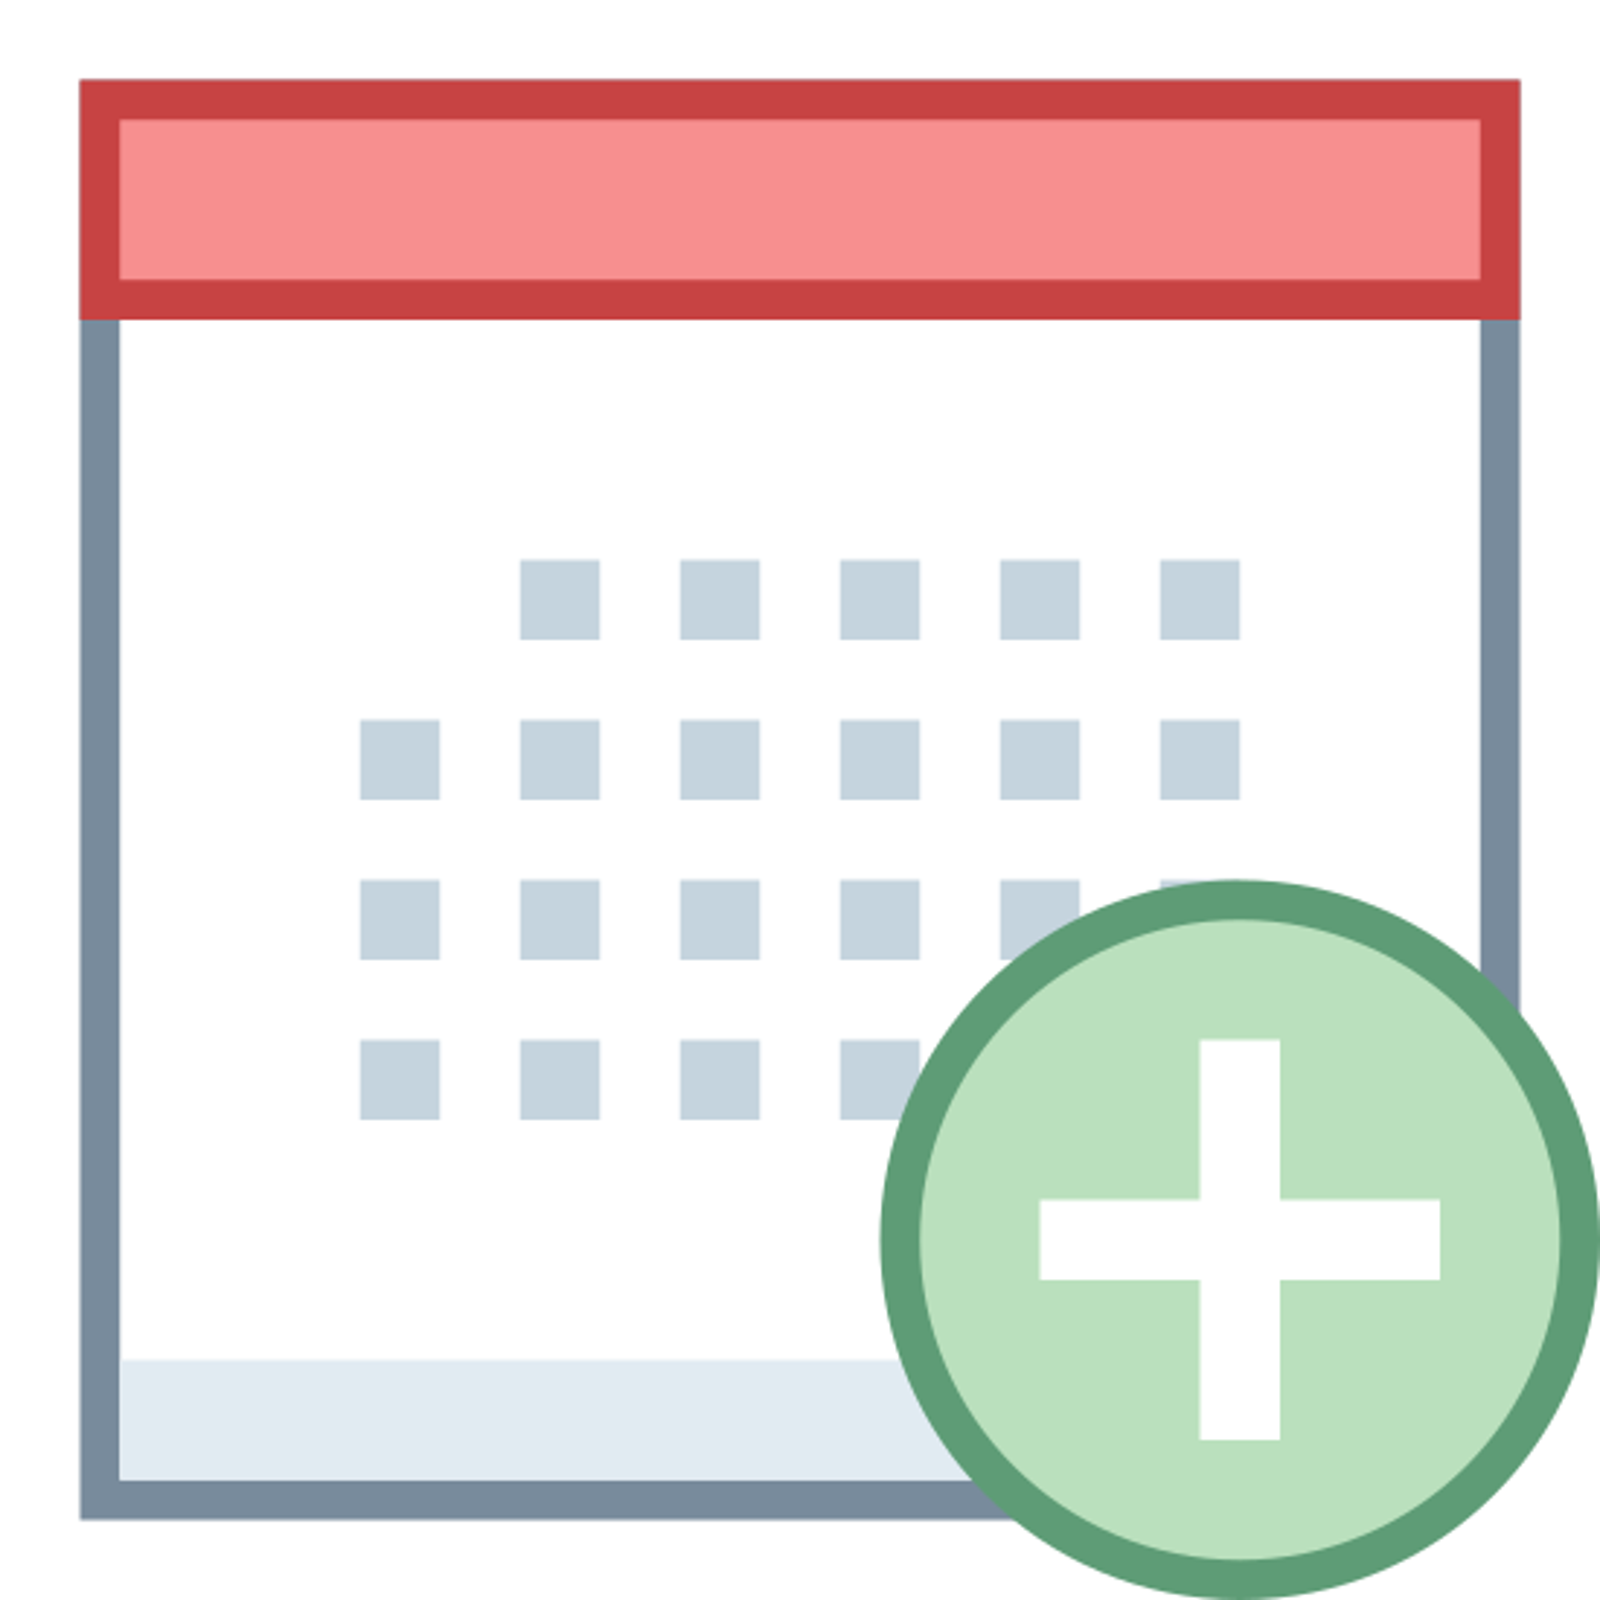 Kalendarz Plus icon